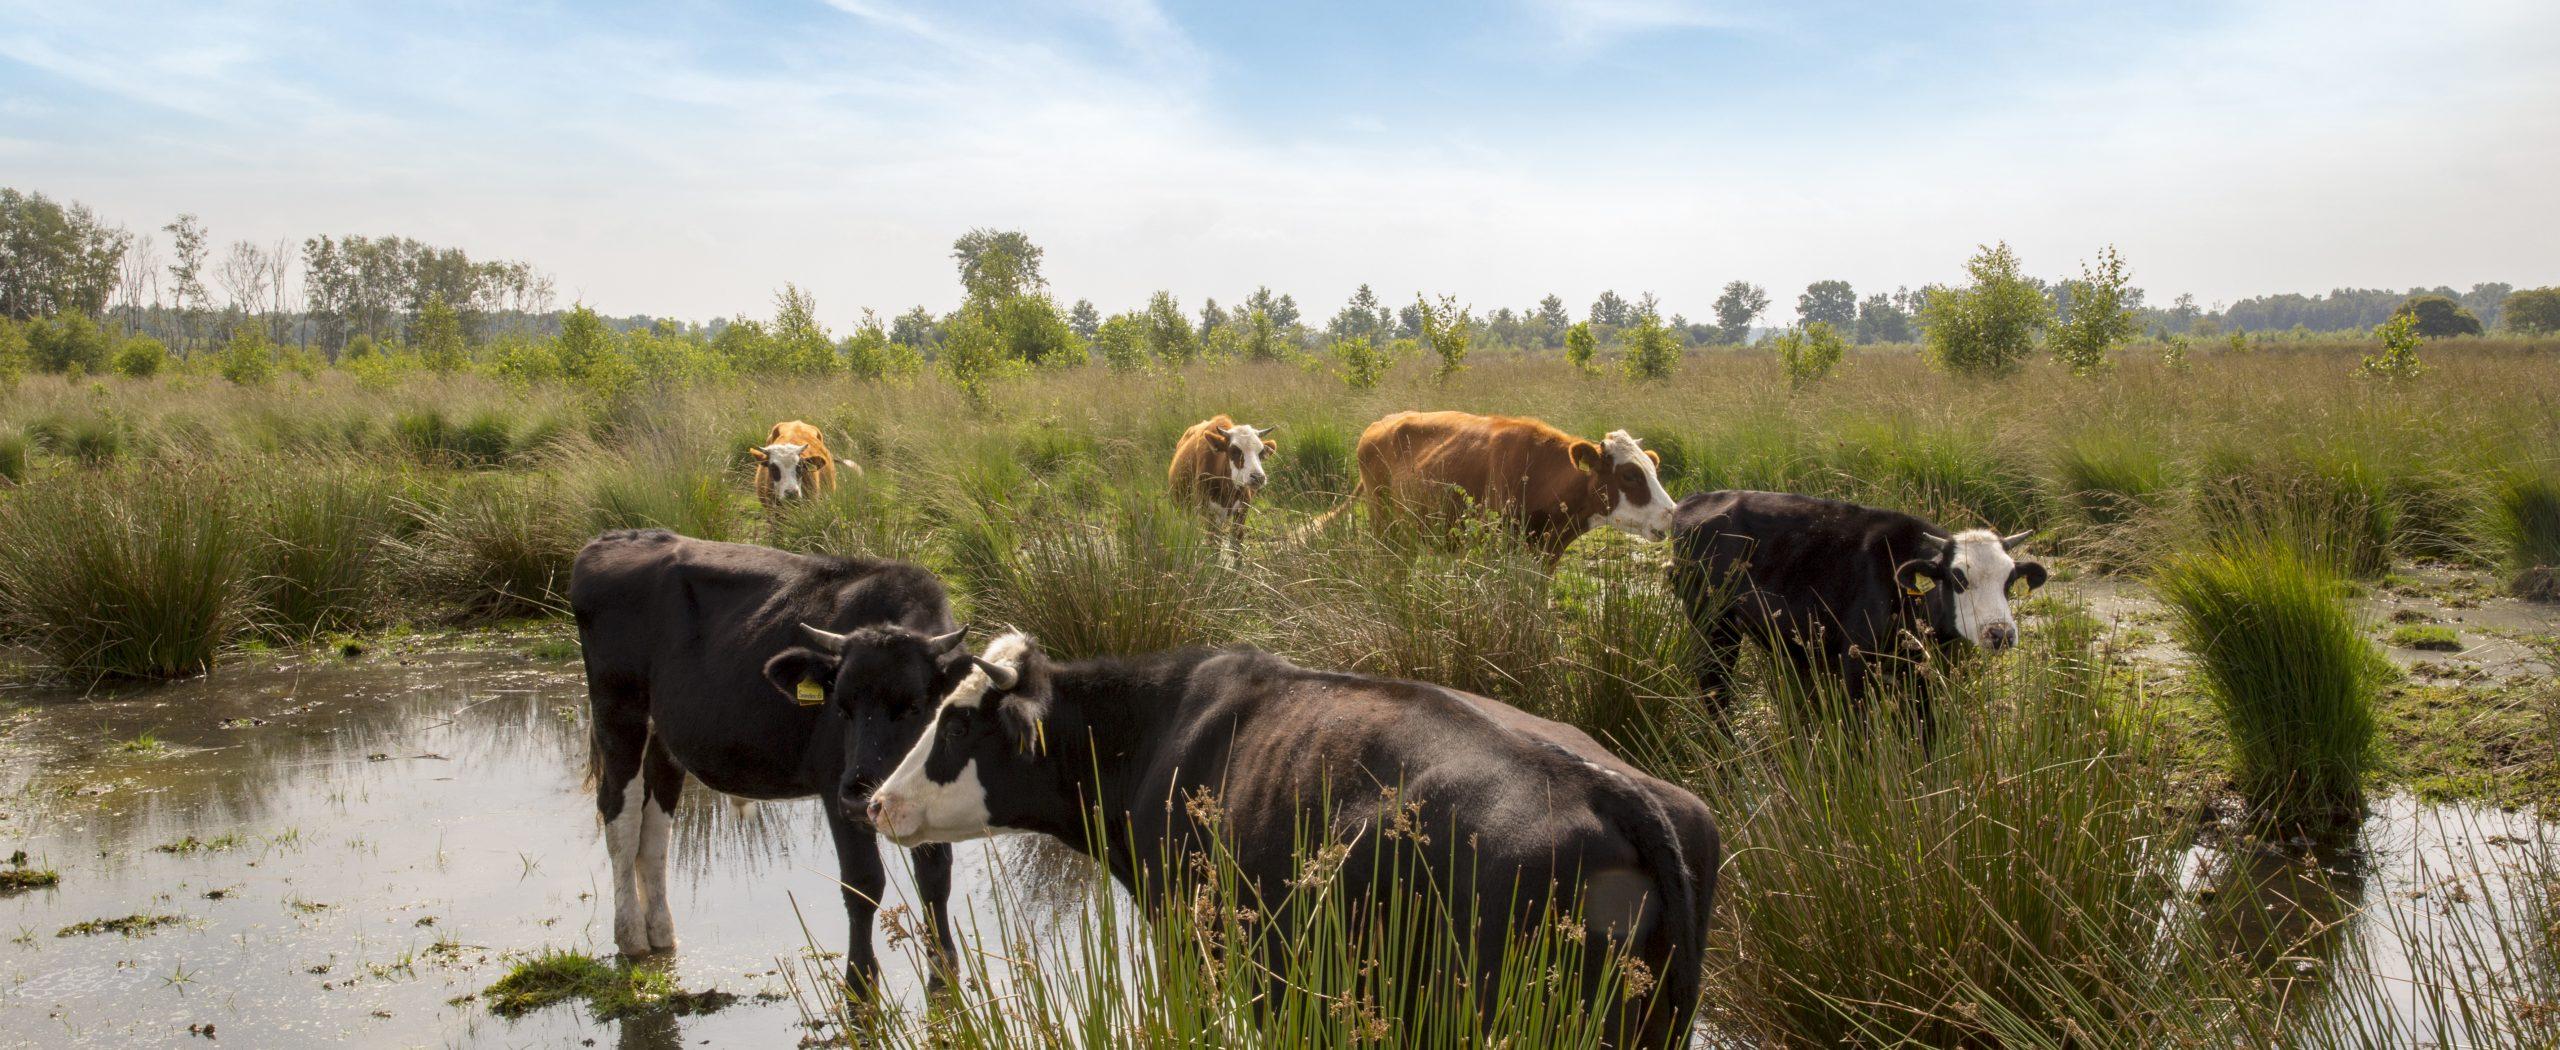 https://natuurboerenijs.nl/wp-content/uploads/2021/01/NatuurBoeren-�-Natuurgebied-�-Blaarkoppen-1.-scaled.jpg